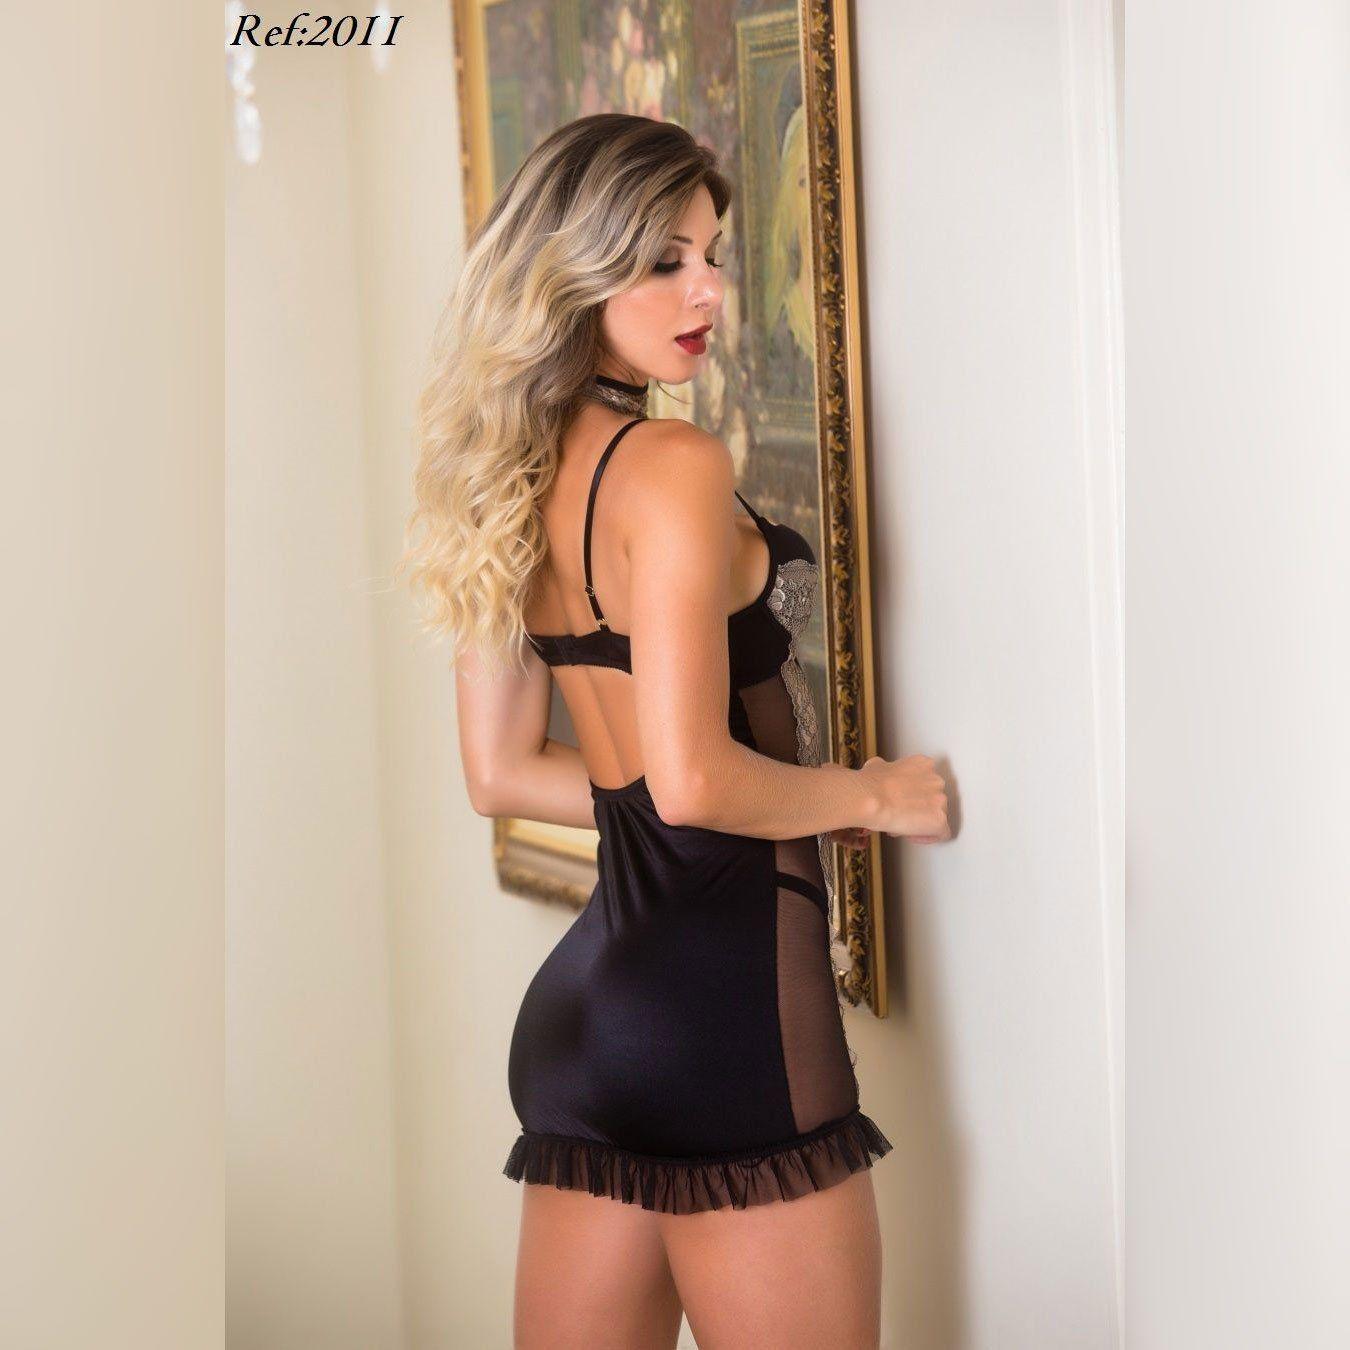 Camisola Sensual e provocante - Lingerie Garota veneno  - Sex Shop Cuiaba - Sexshop - Sexyshop - Produtos Eróticos